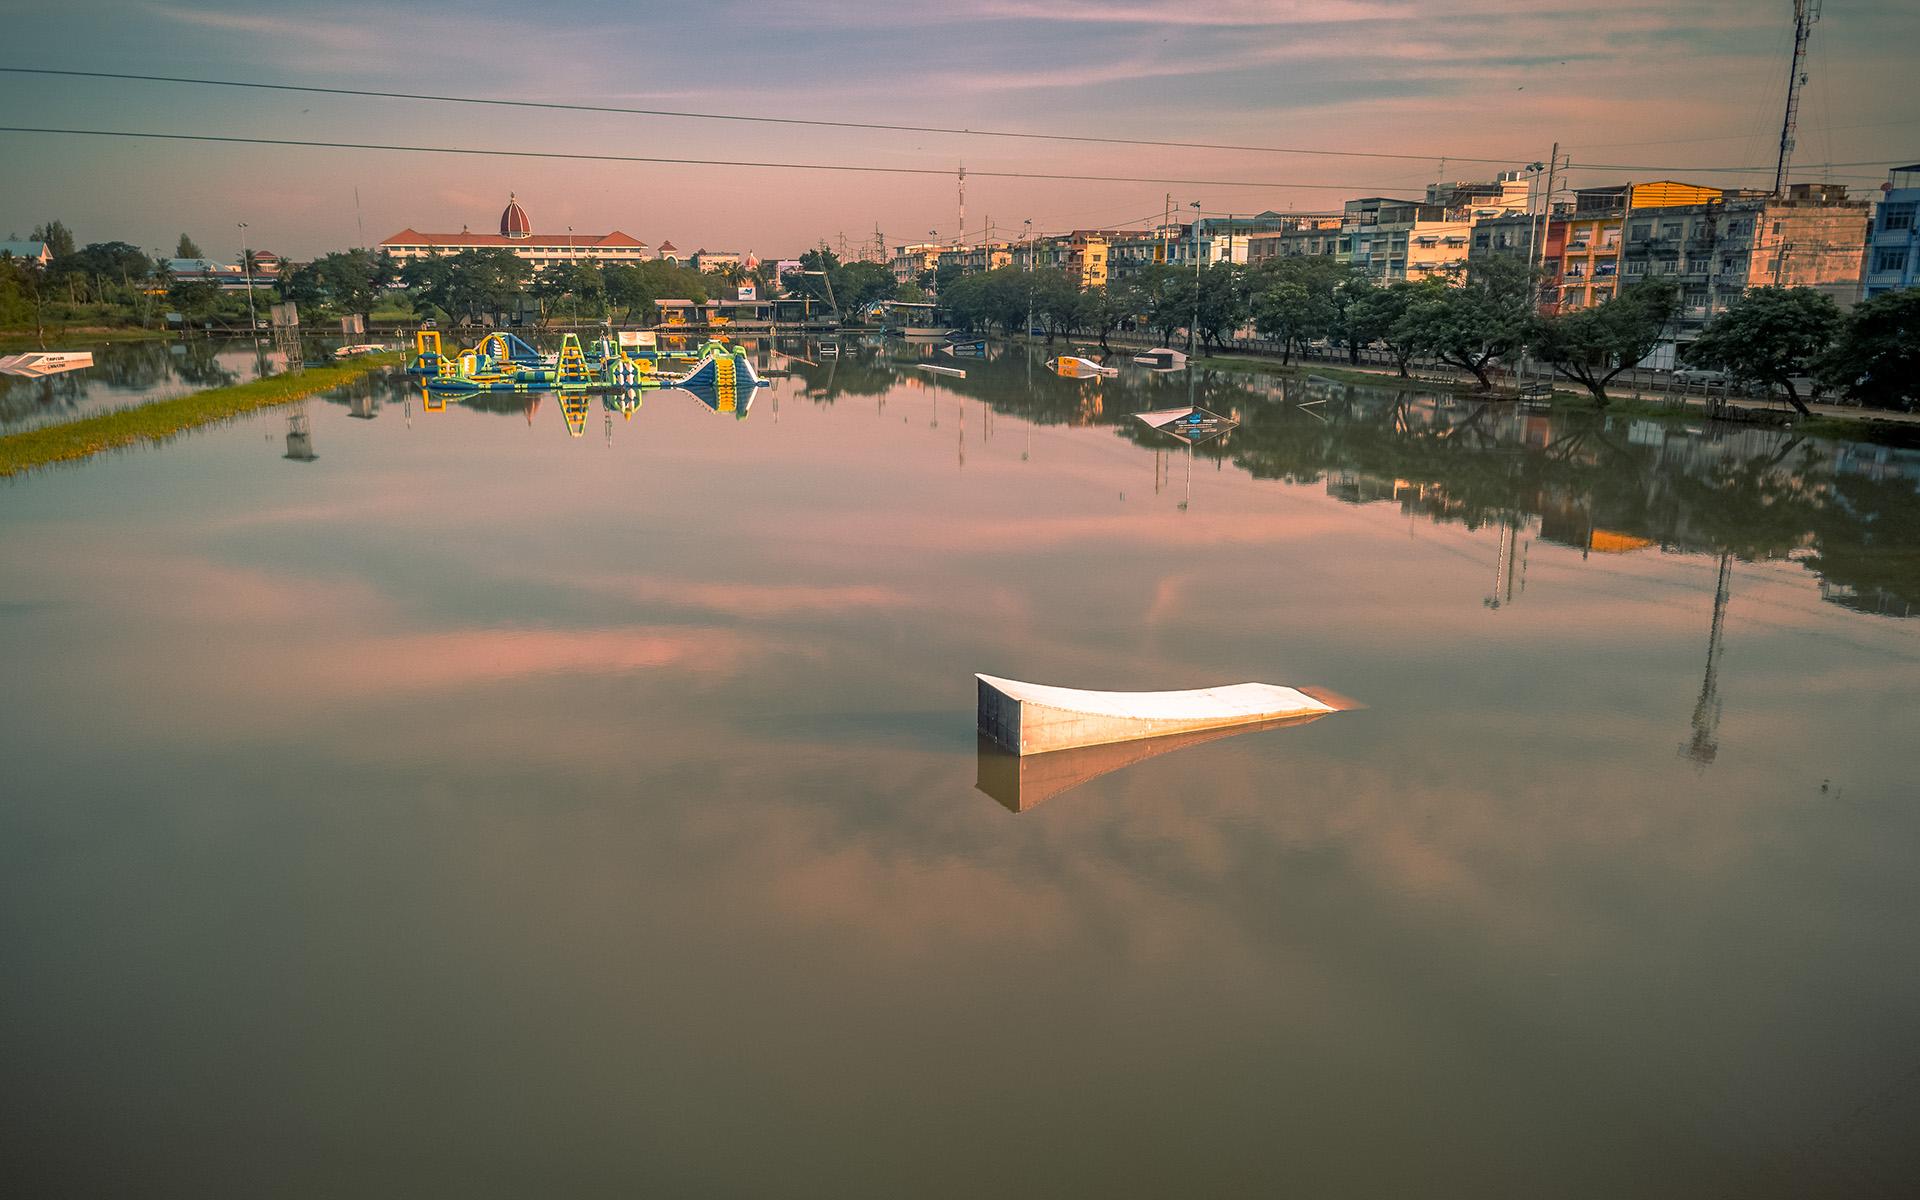 Zanook Wake Park-zanook top side